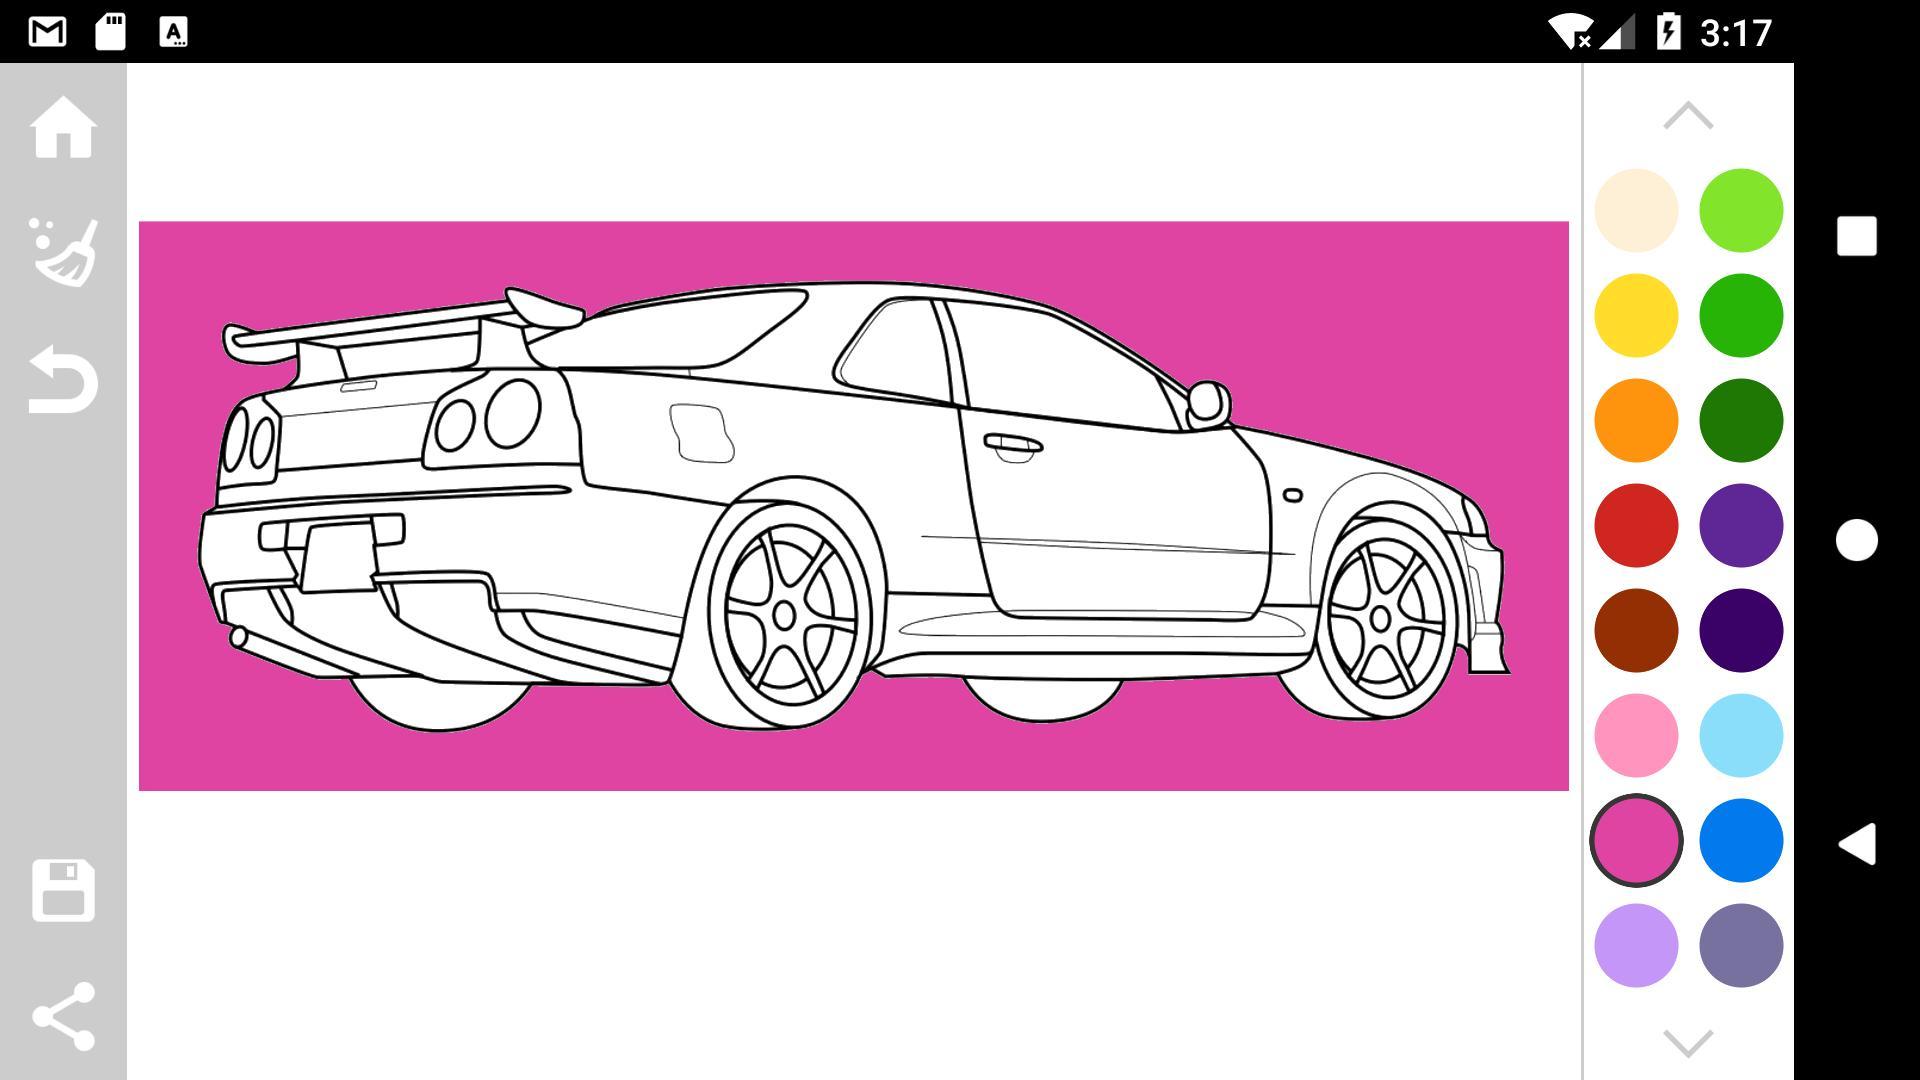 Japanese Cars Coloring Book für Android - APK herunterladen